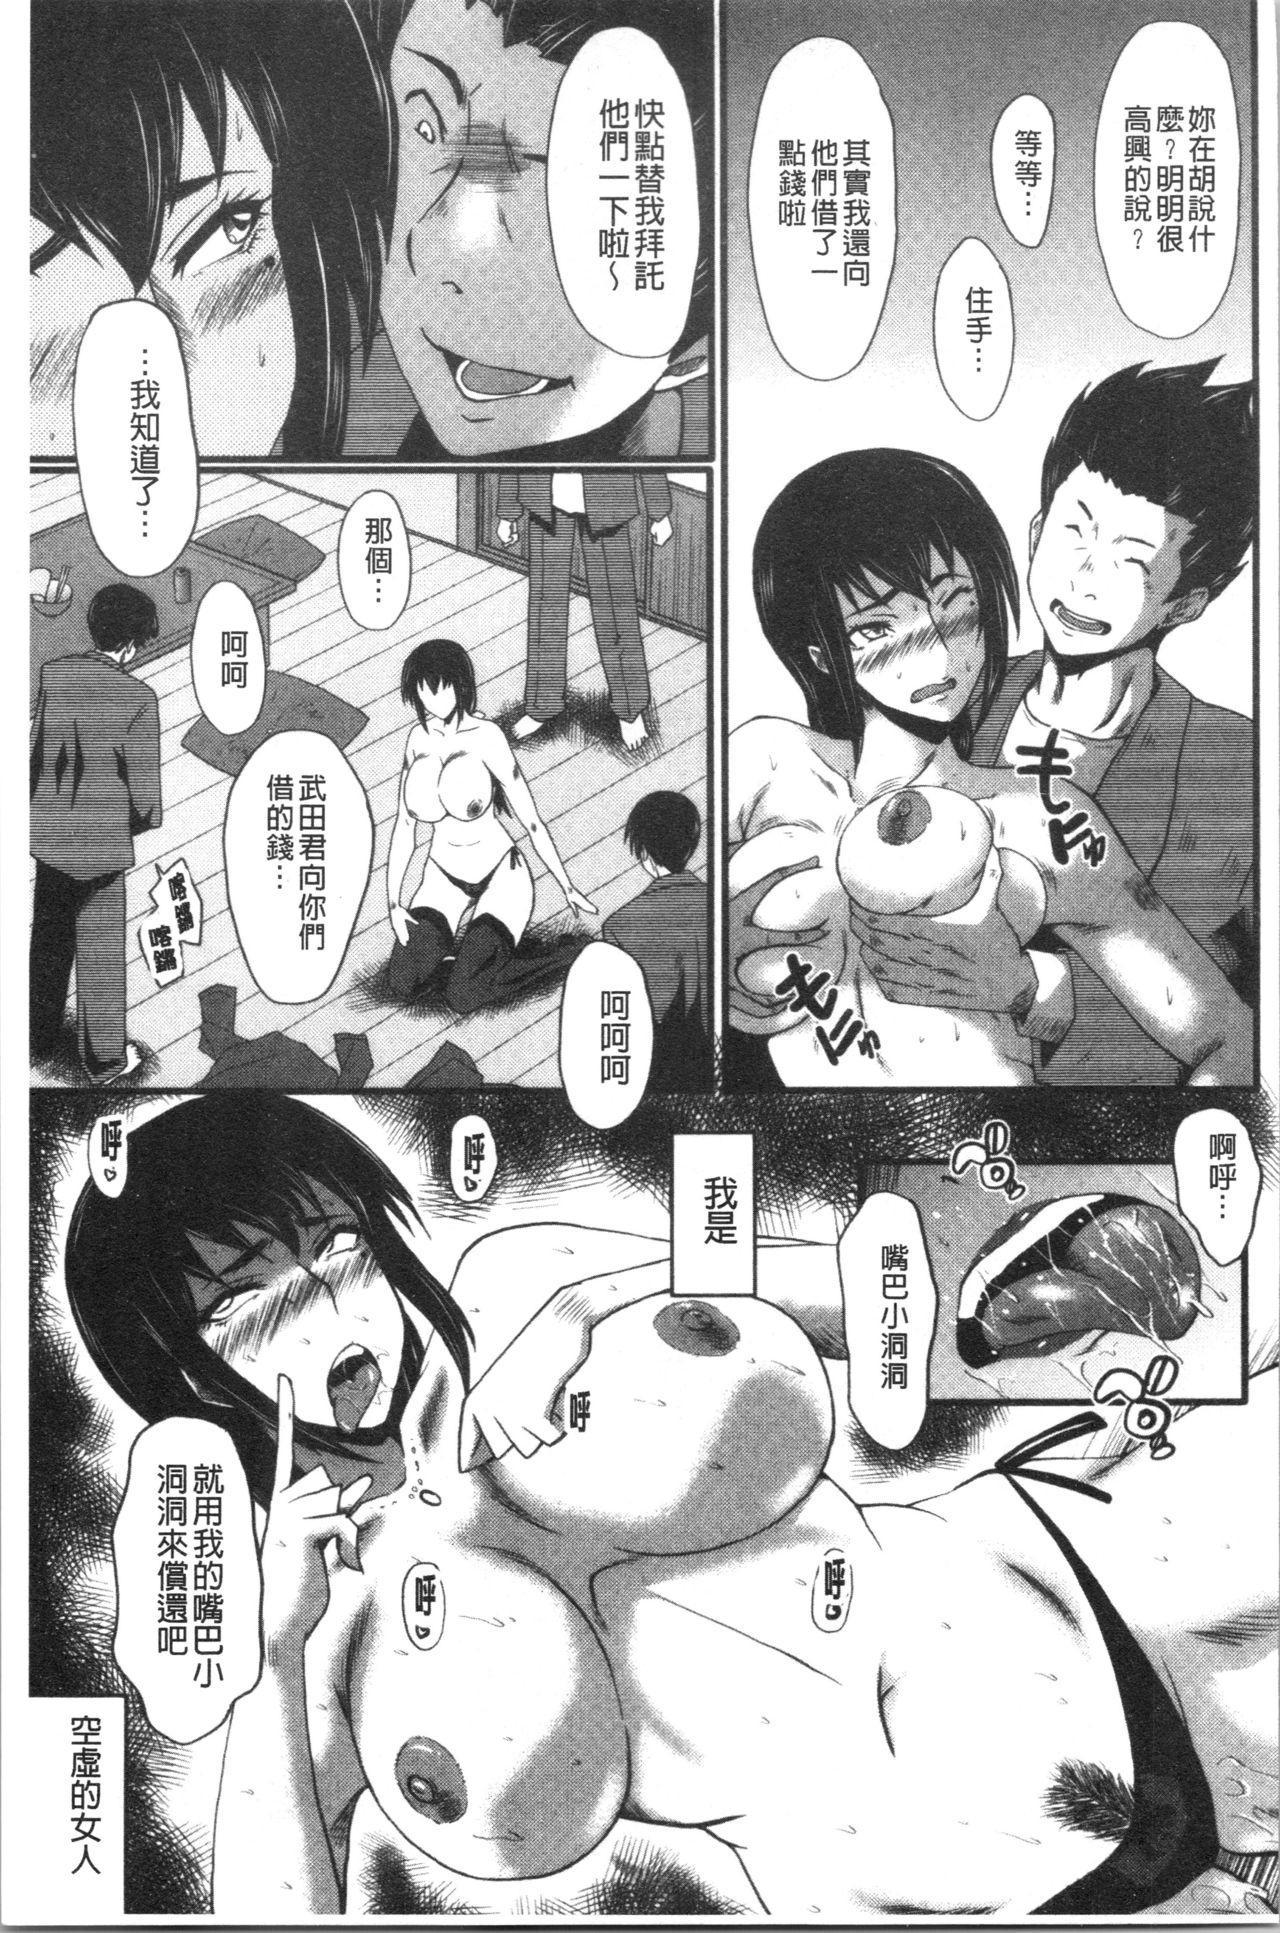 Bokuno Kanojo ga Kusogaki ni Netorareta Hanashi 182